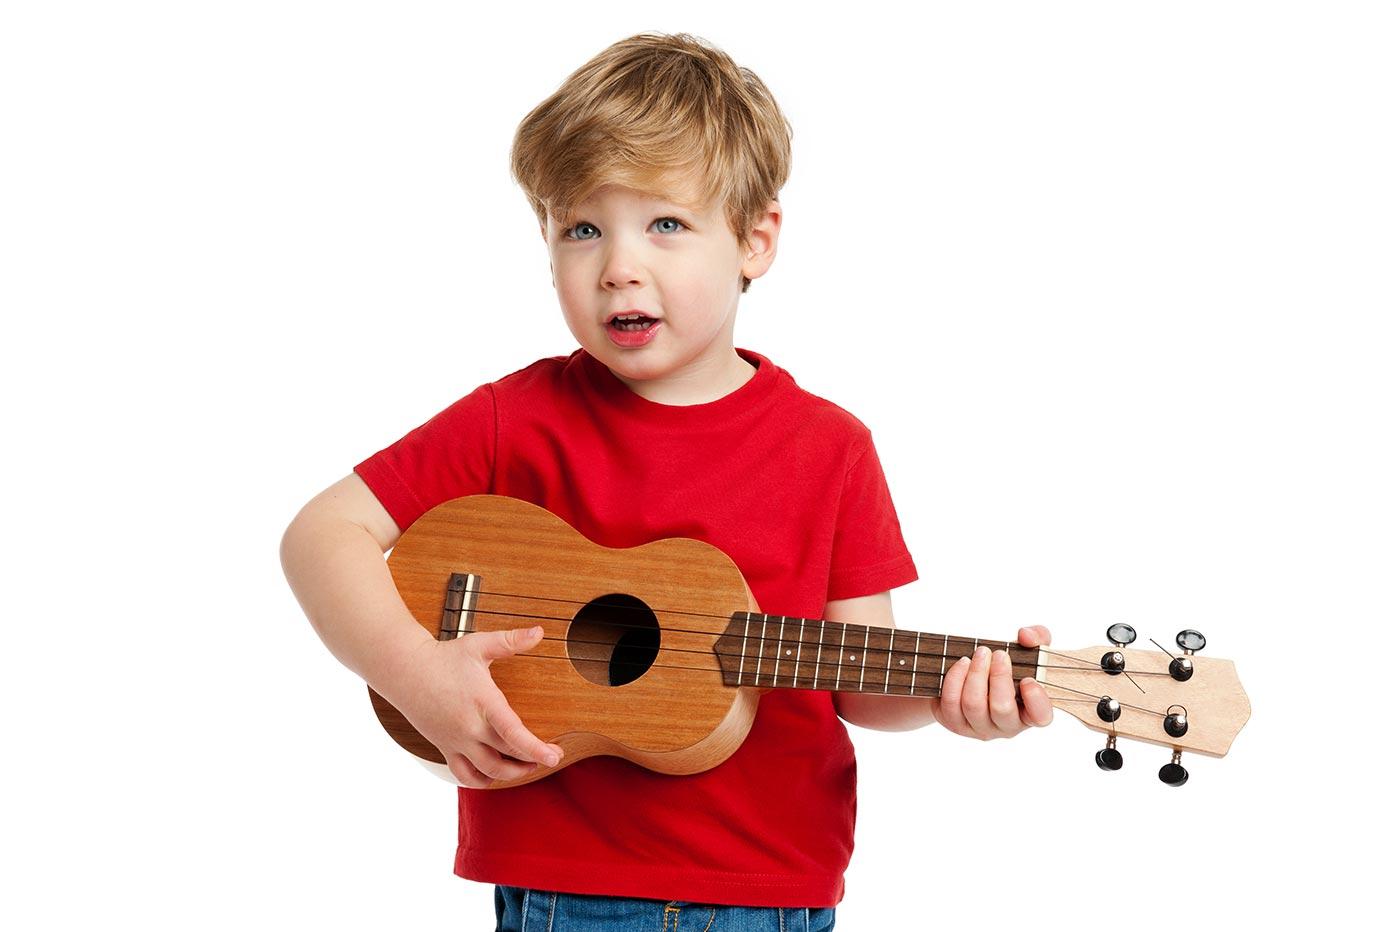 Toddler boy playing guitar